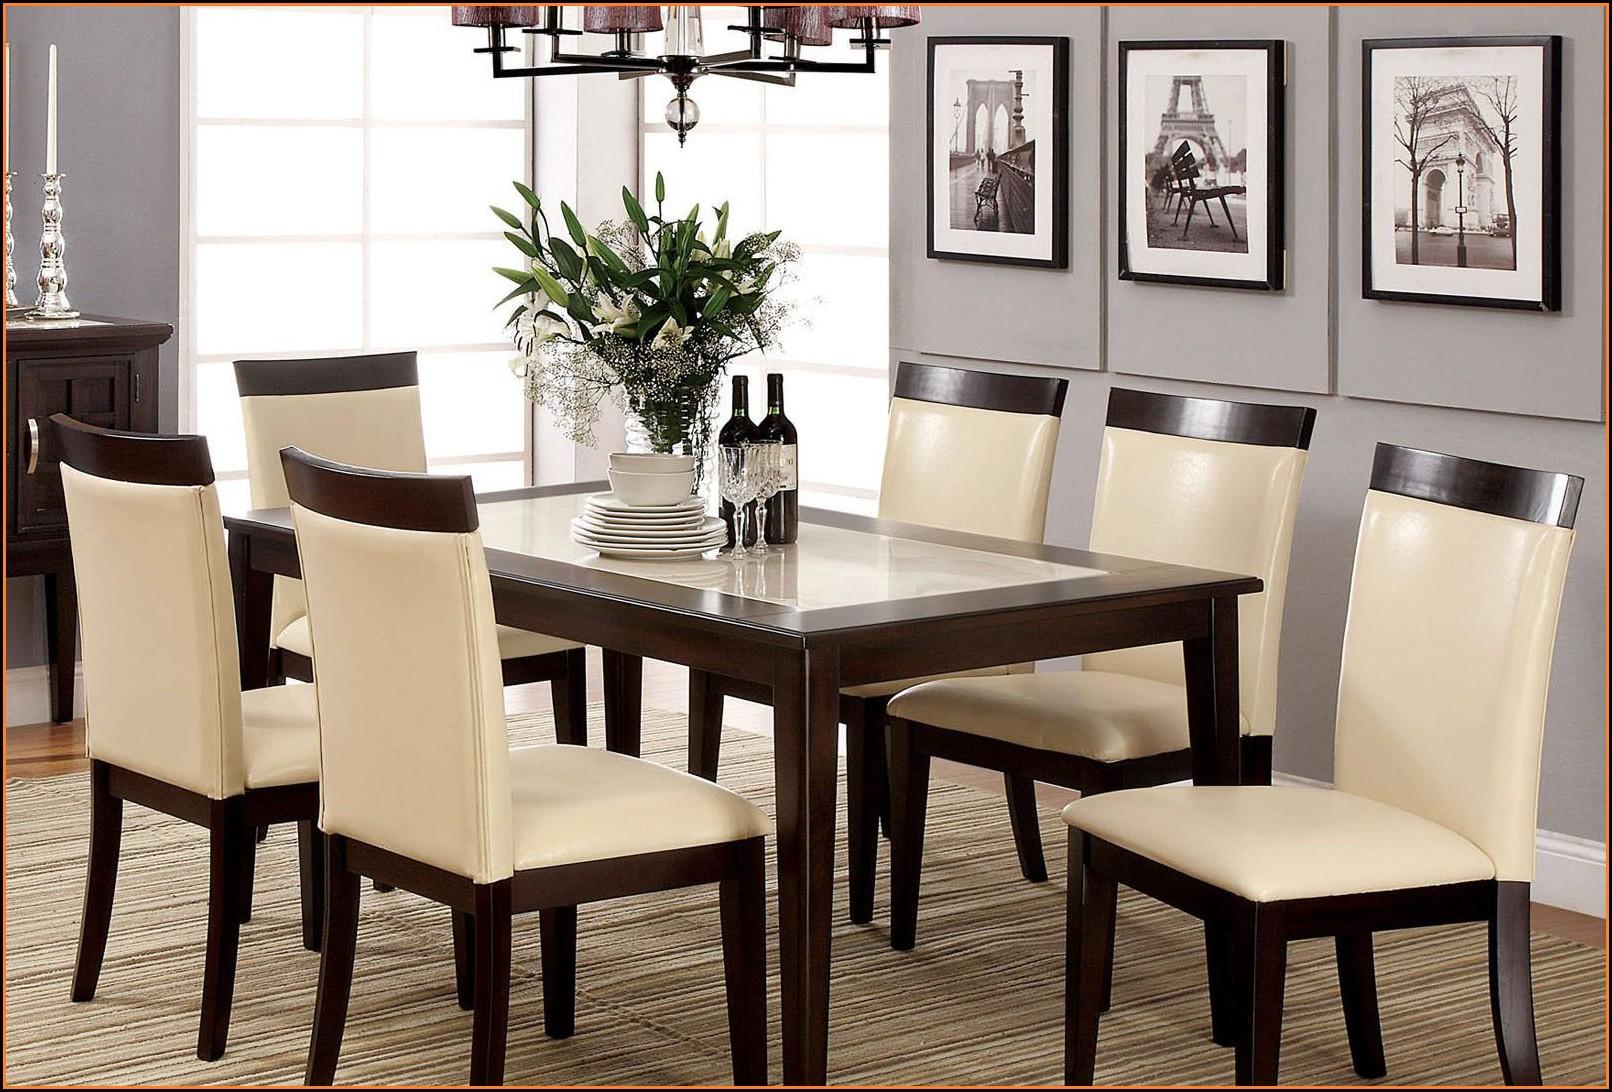 Esszimmer Möbel Tisch Und Stühle